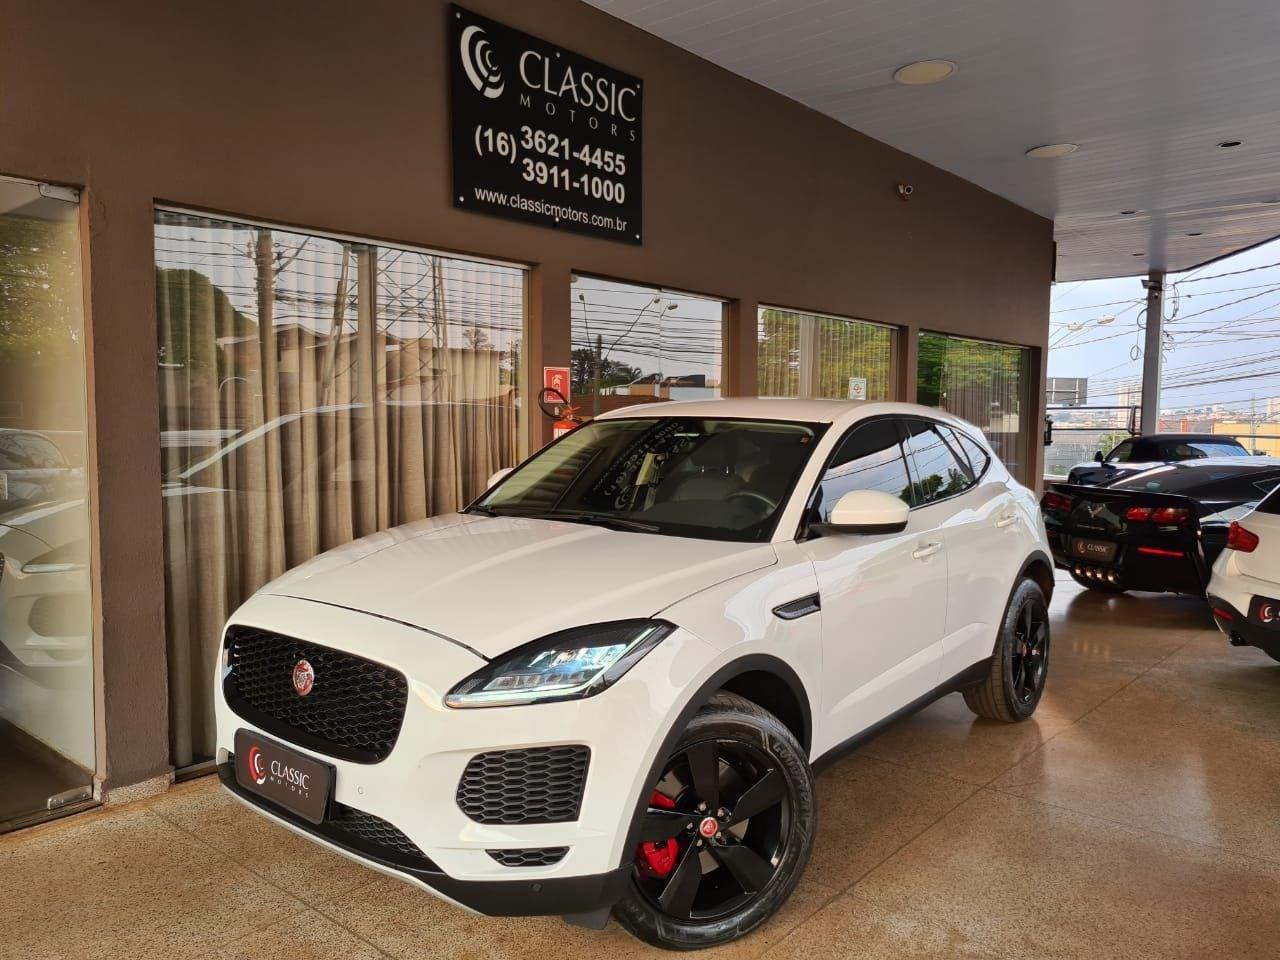 //www.autoline.com.br/carro/jaguar/e-pace-20-16v-gasolina-4p-automatico-4x4-turbo/2018/ribeirao-preto-sp/13244339